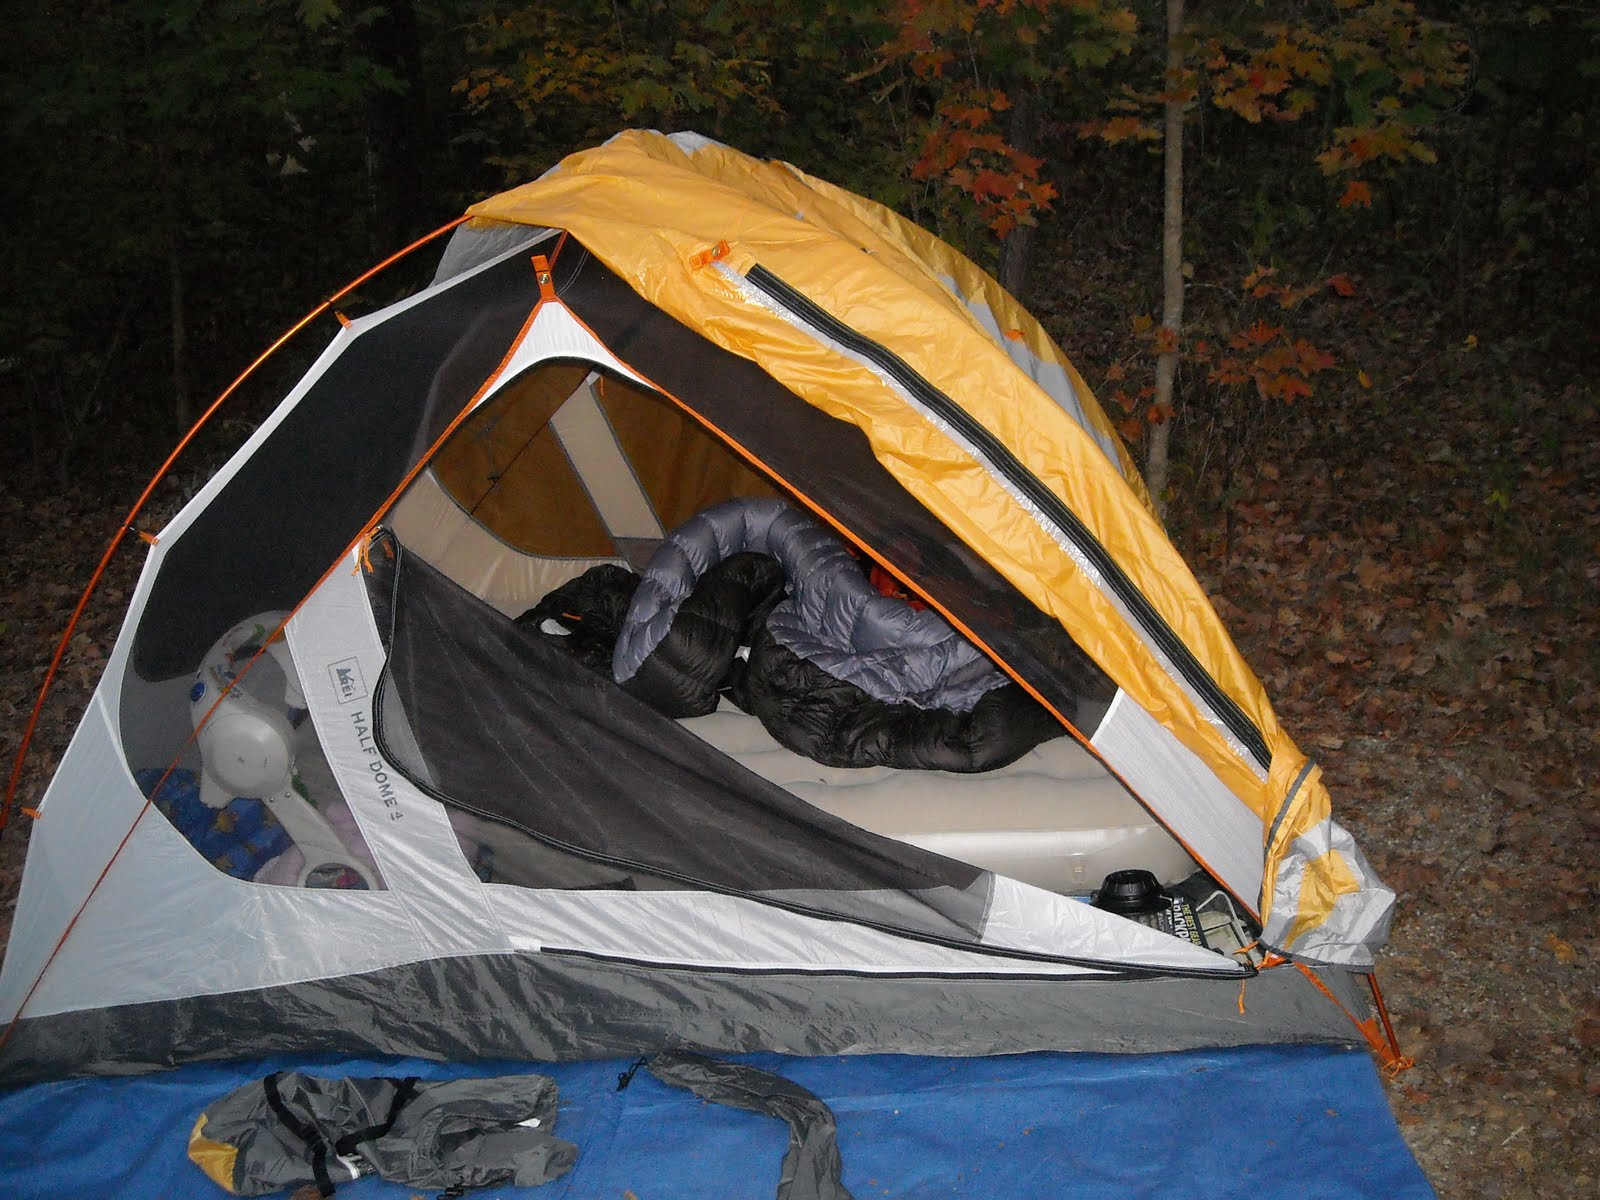 REI Half-Dome 4 Person Tent Review & The Ohio Hiker: REI Half-Dome 4 Person Tent Review